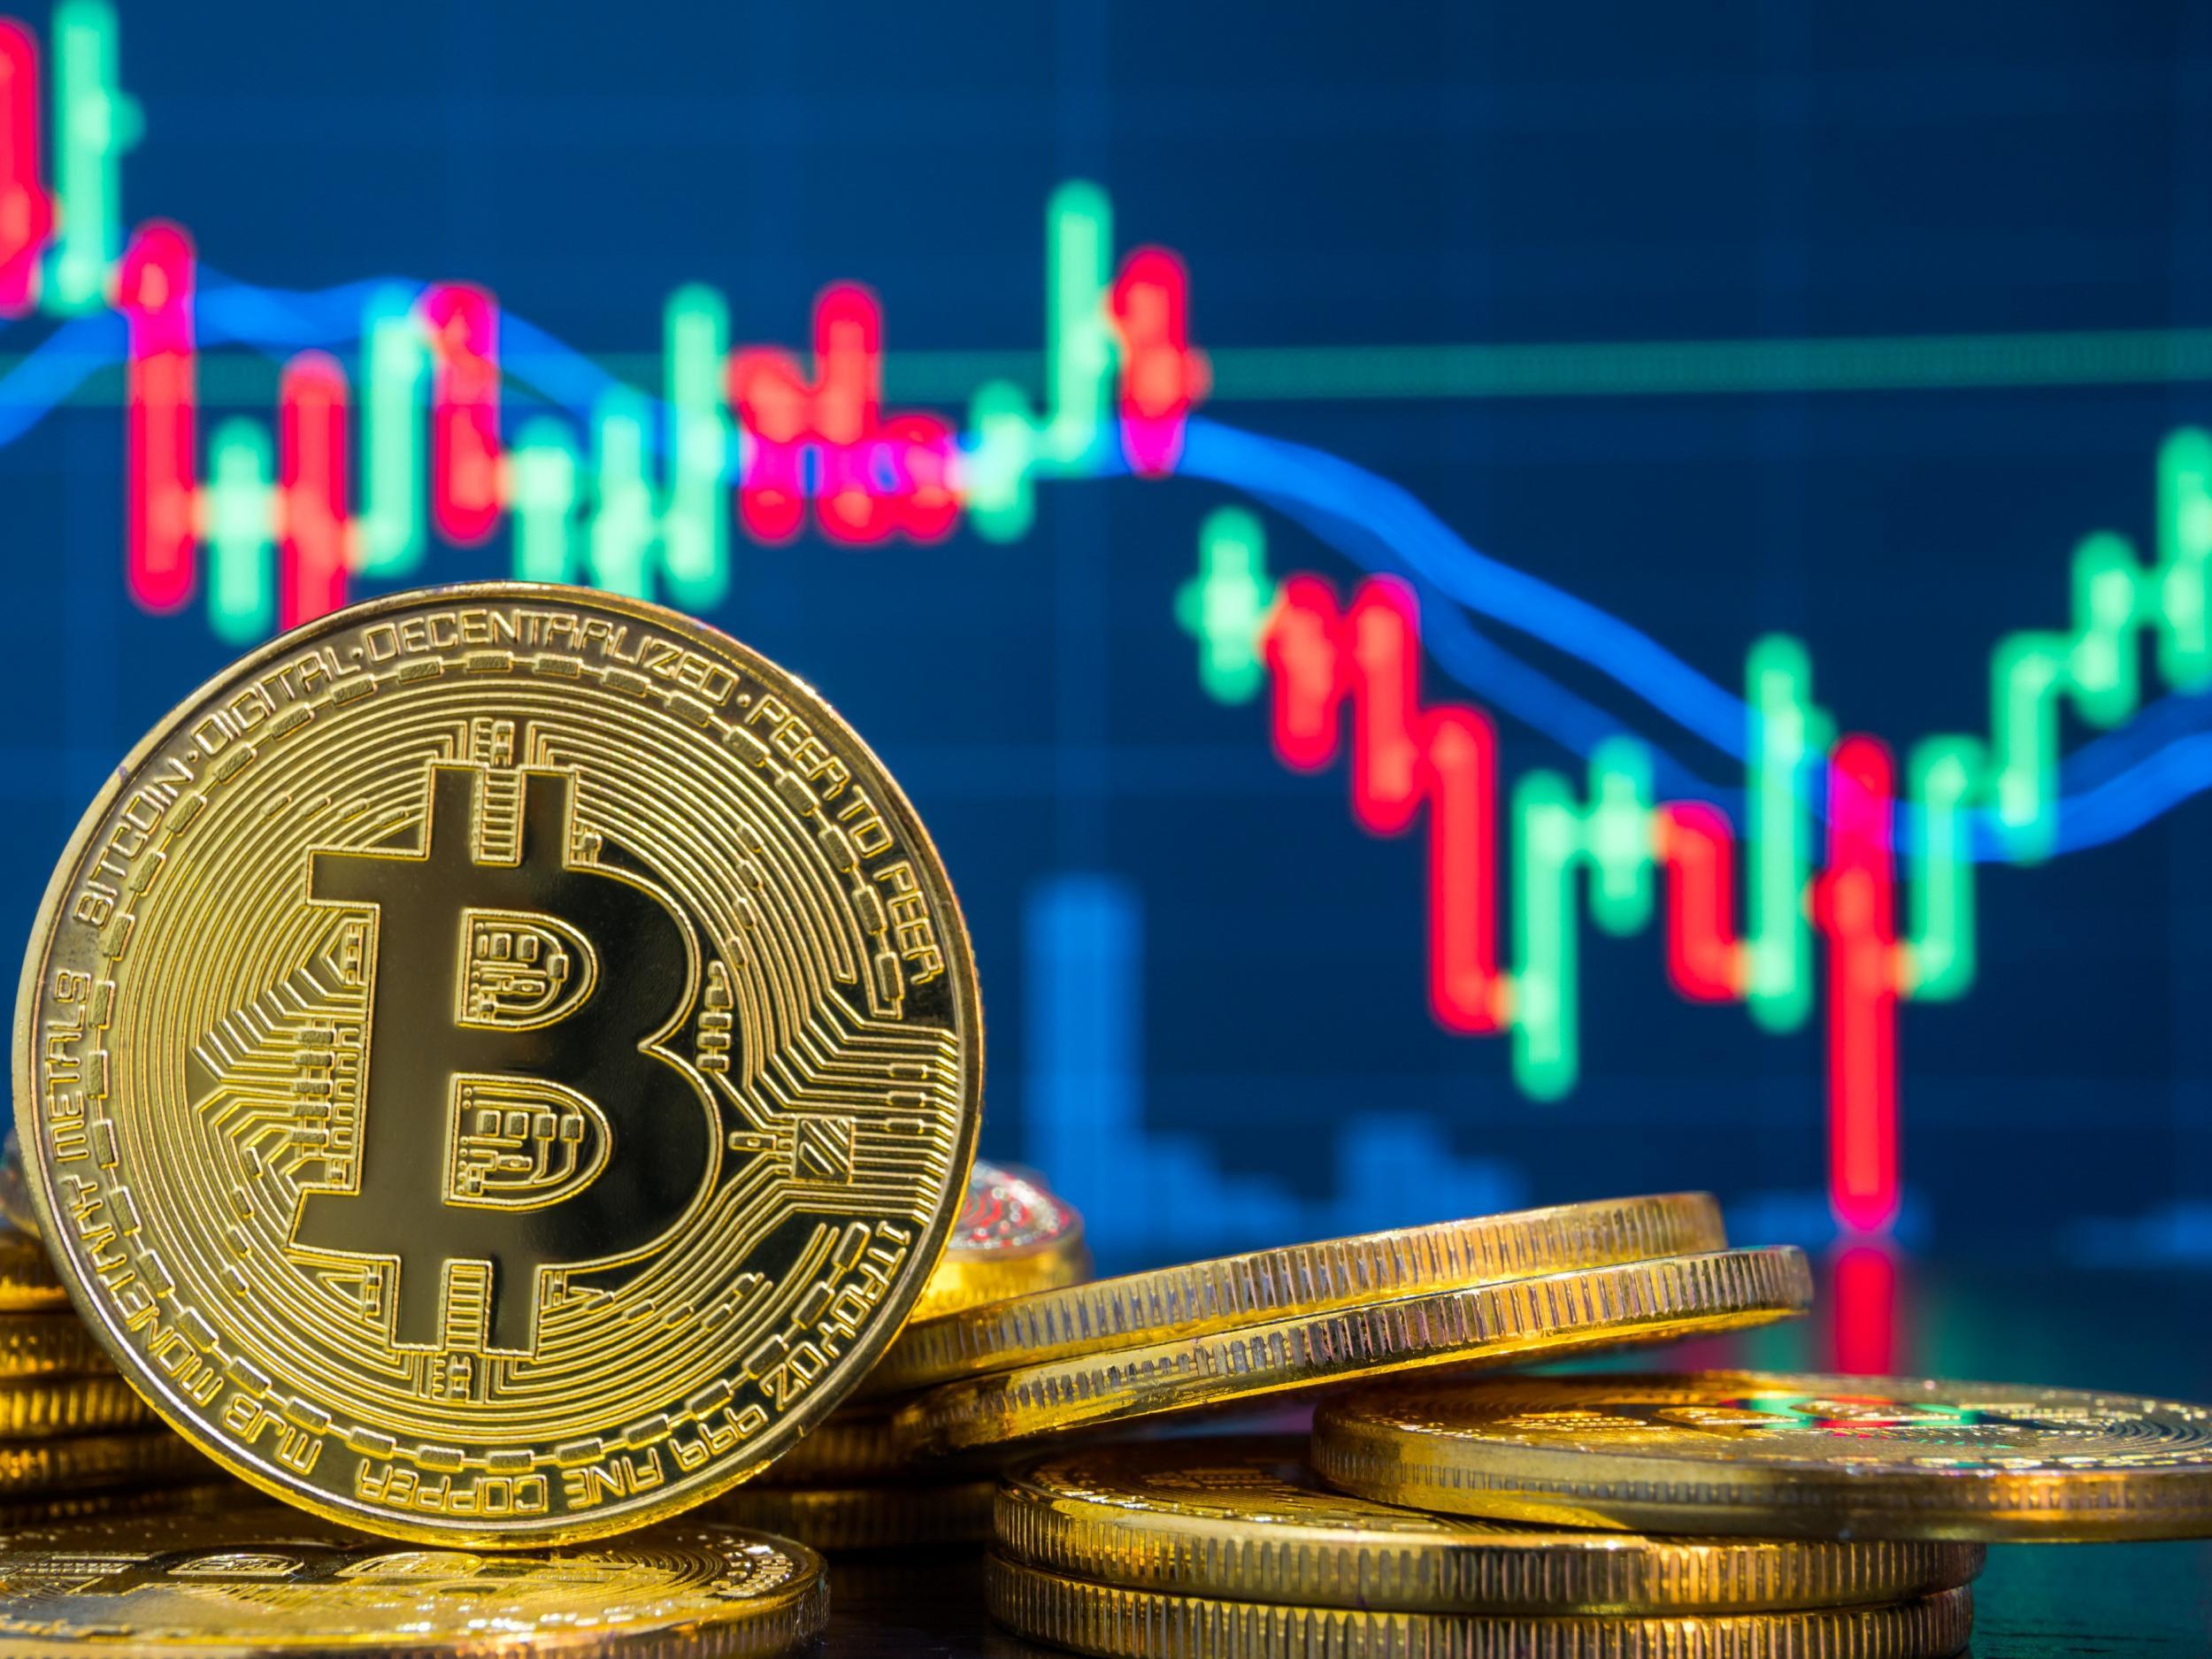 O preço do Bitcoin vai continuar caindo? Confira análise técnica